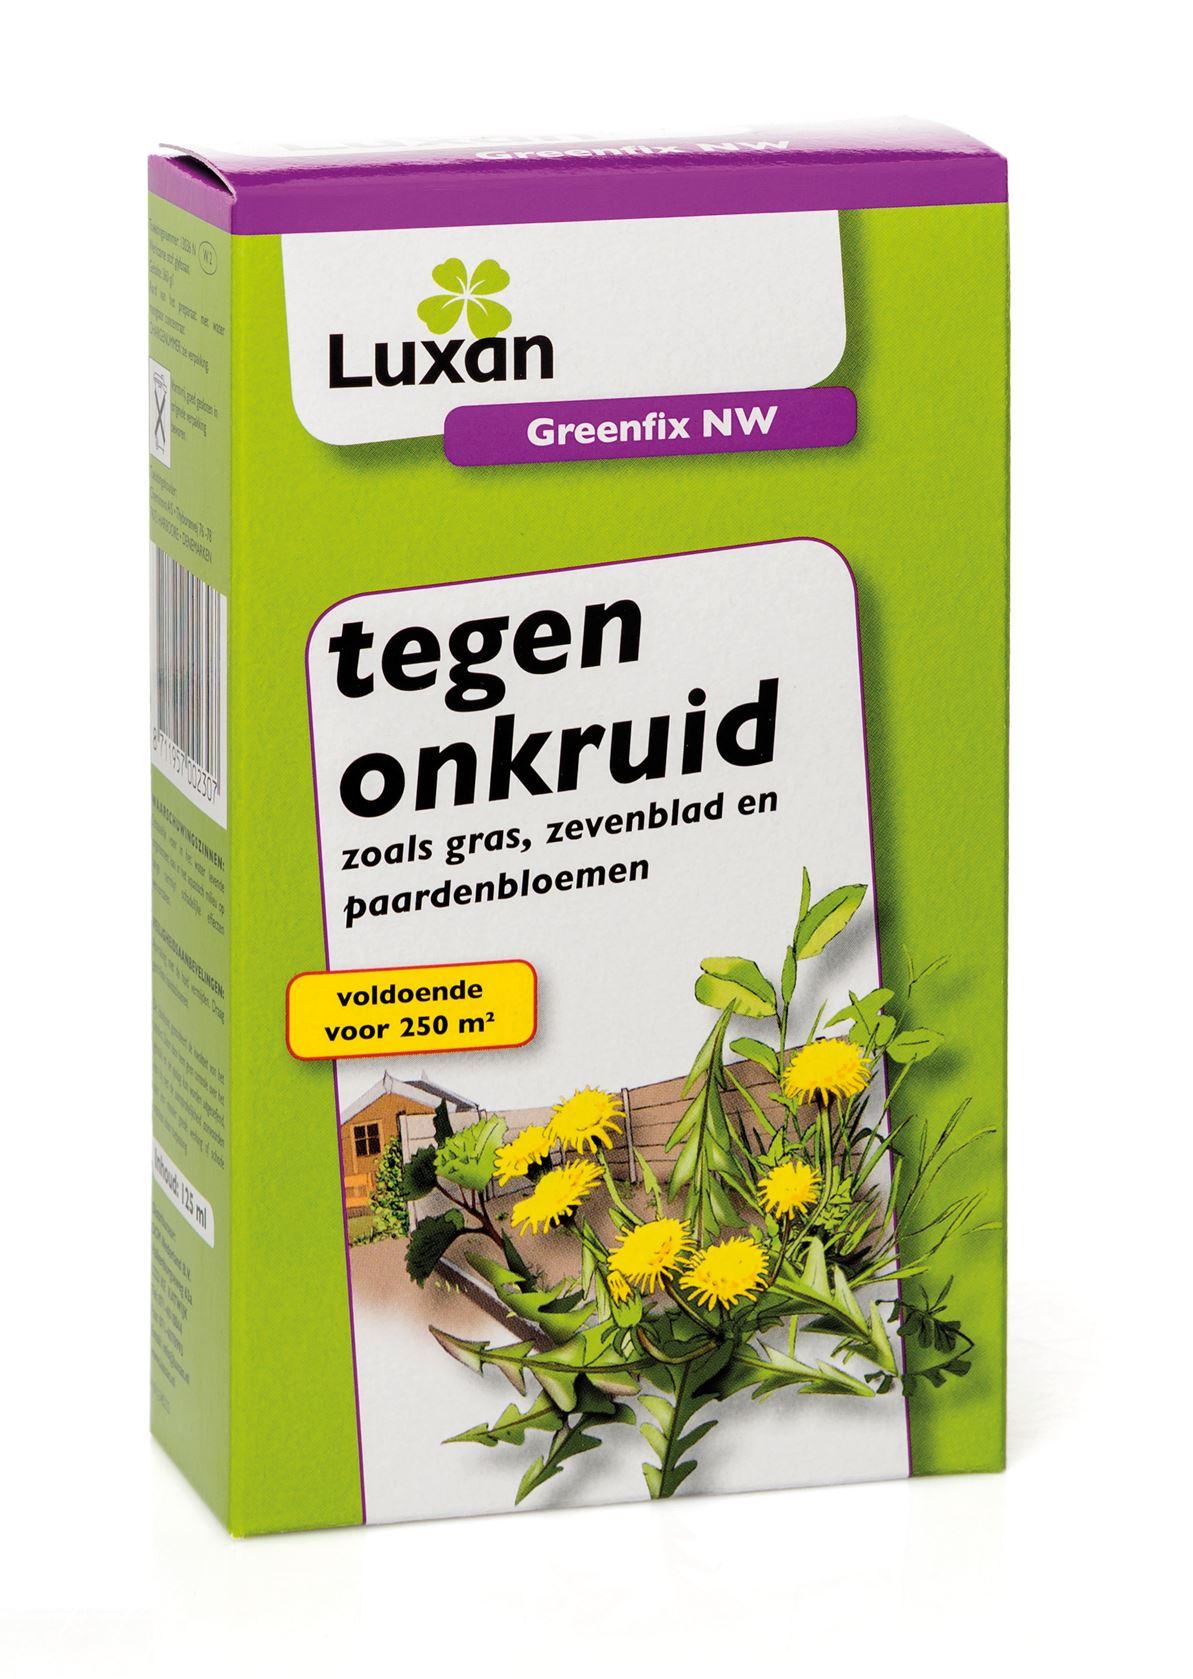 Luxan greenfix nw - 125 ml - tegen onkruiden